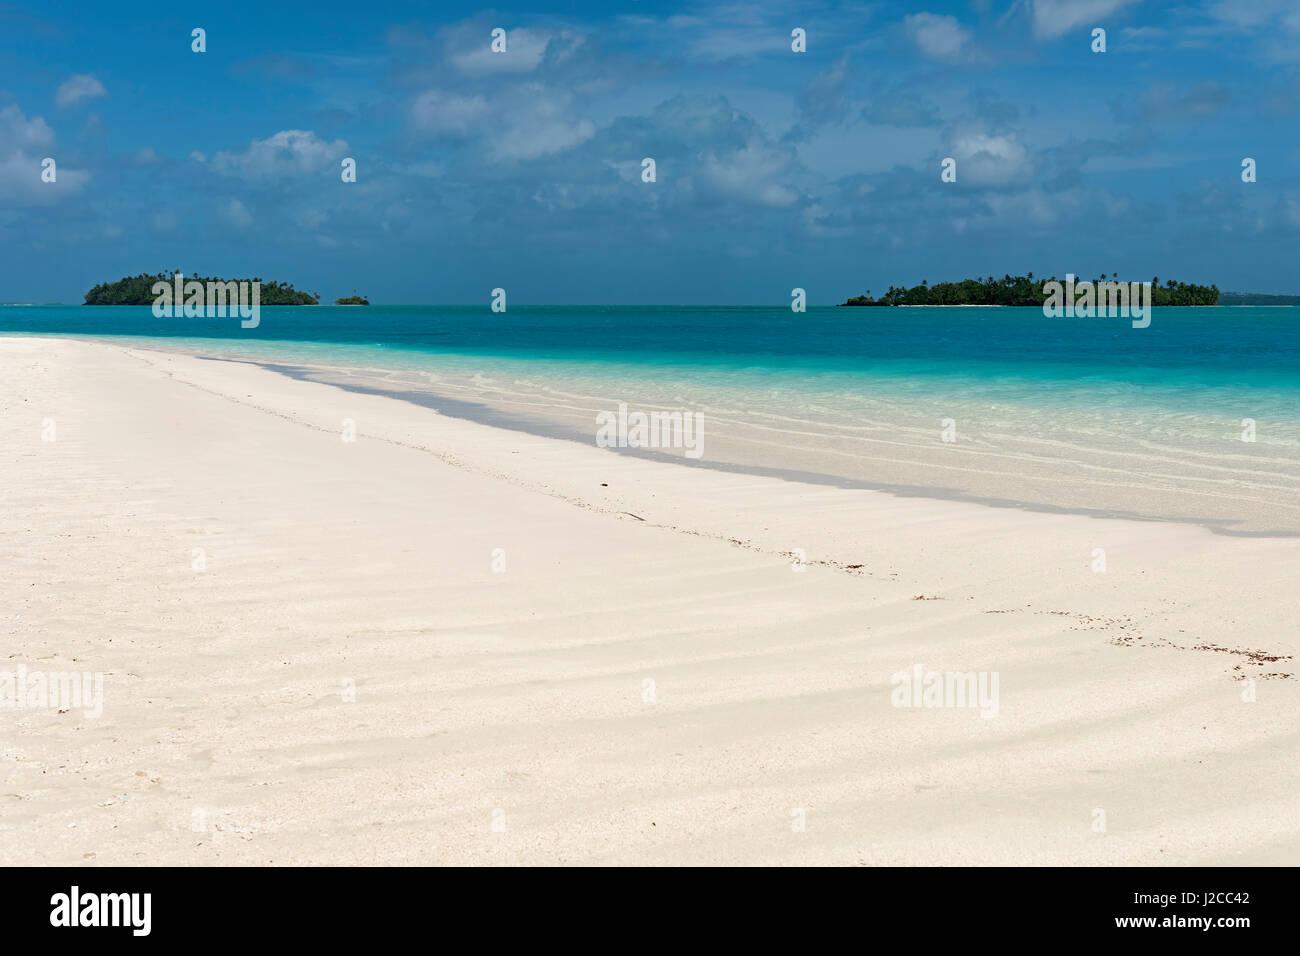 Tekopua Beach, Aitutaki Atoll, Cook Islands - Stock Image